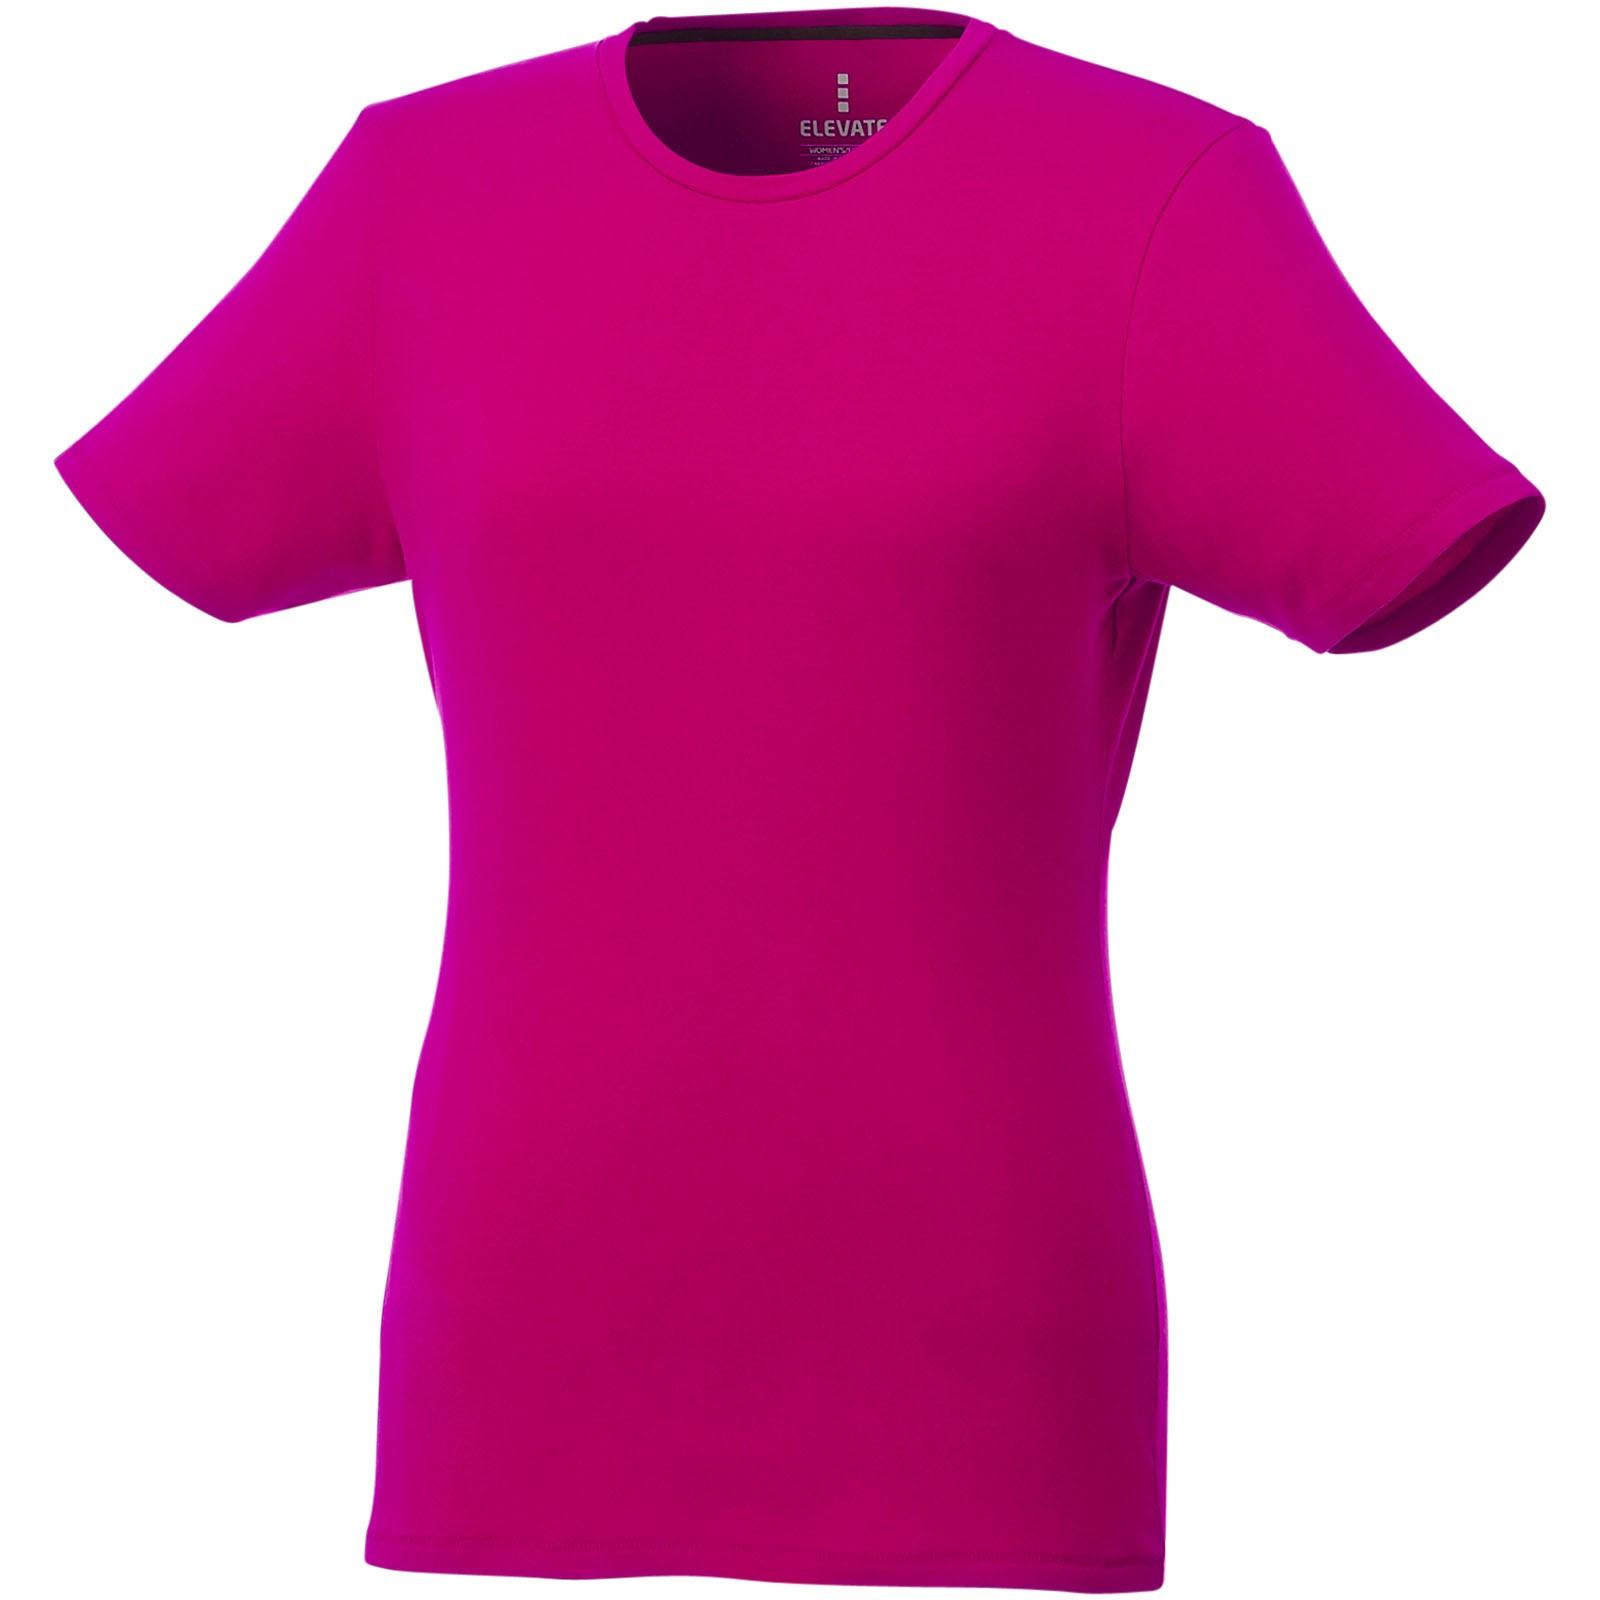 Balfour short sleeve women's GOTS organic t-shirt - Magenta / M